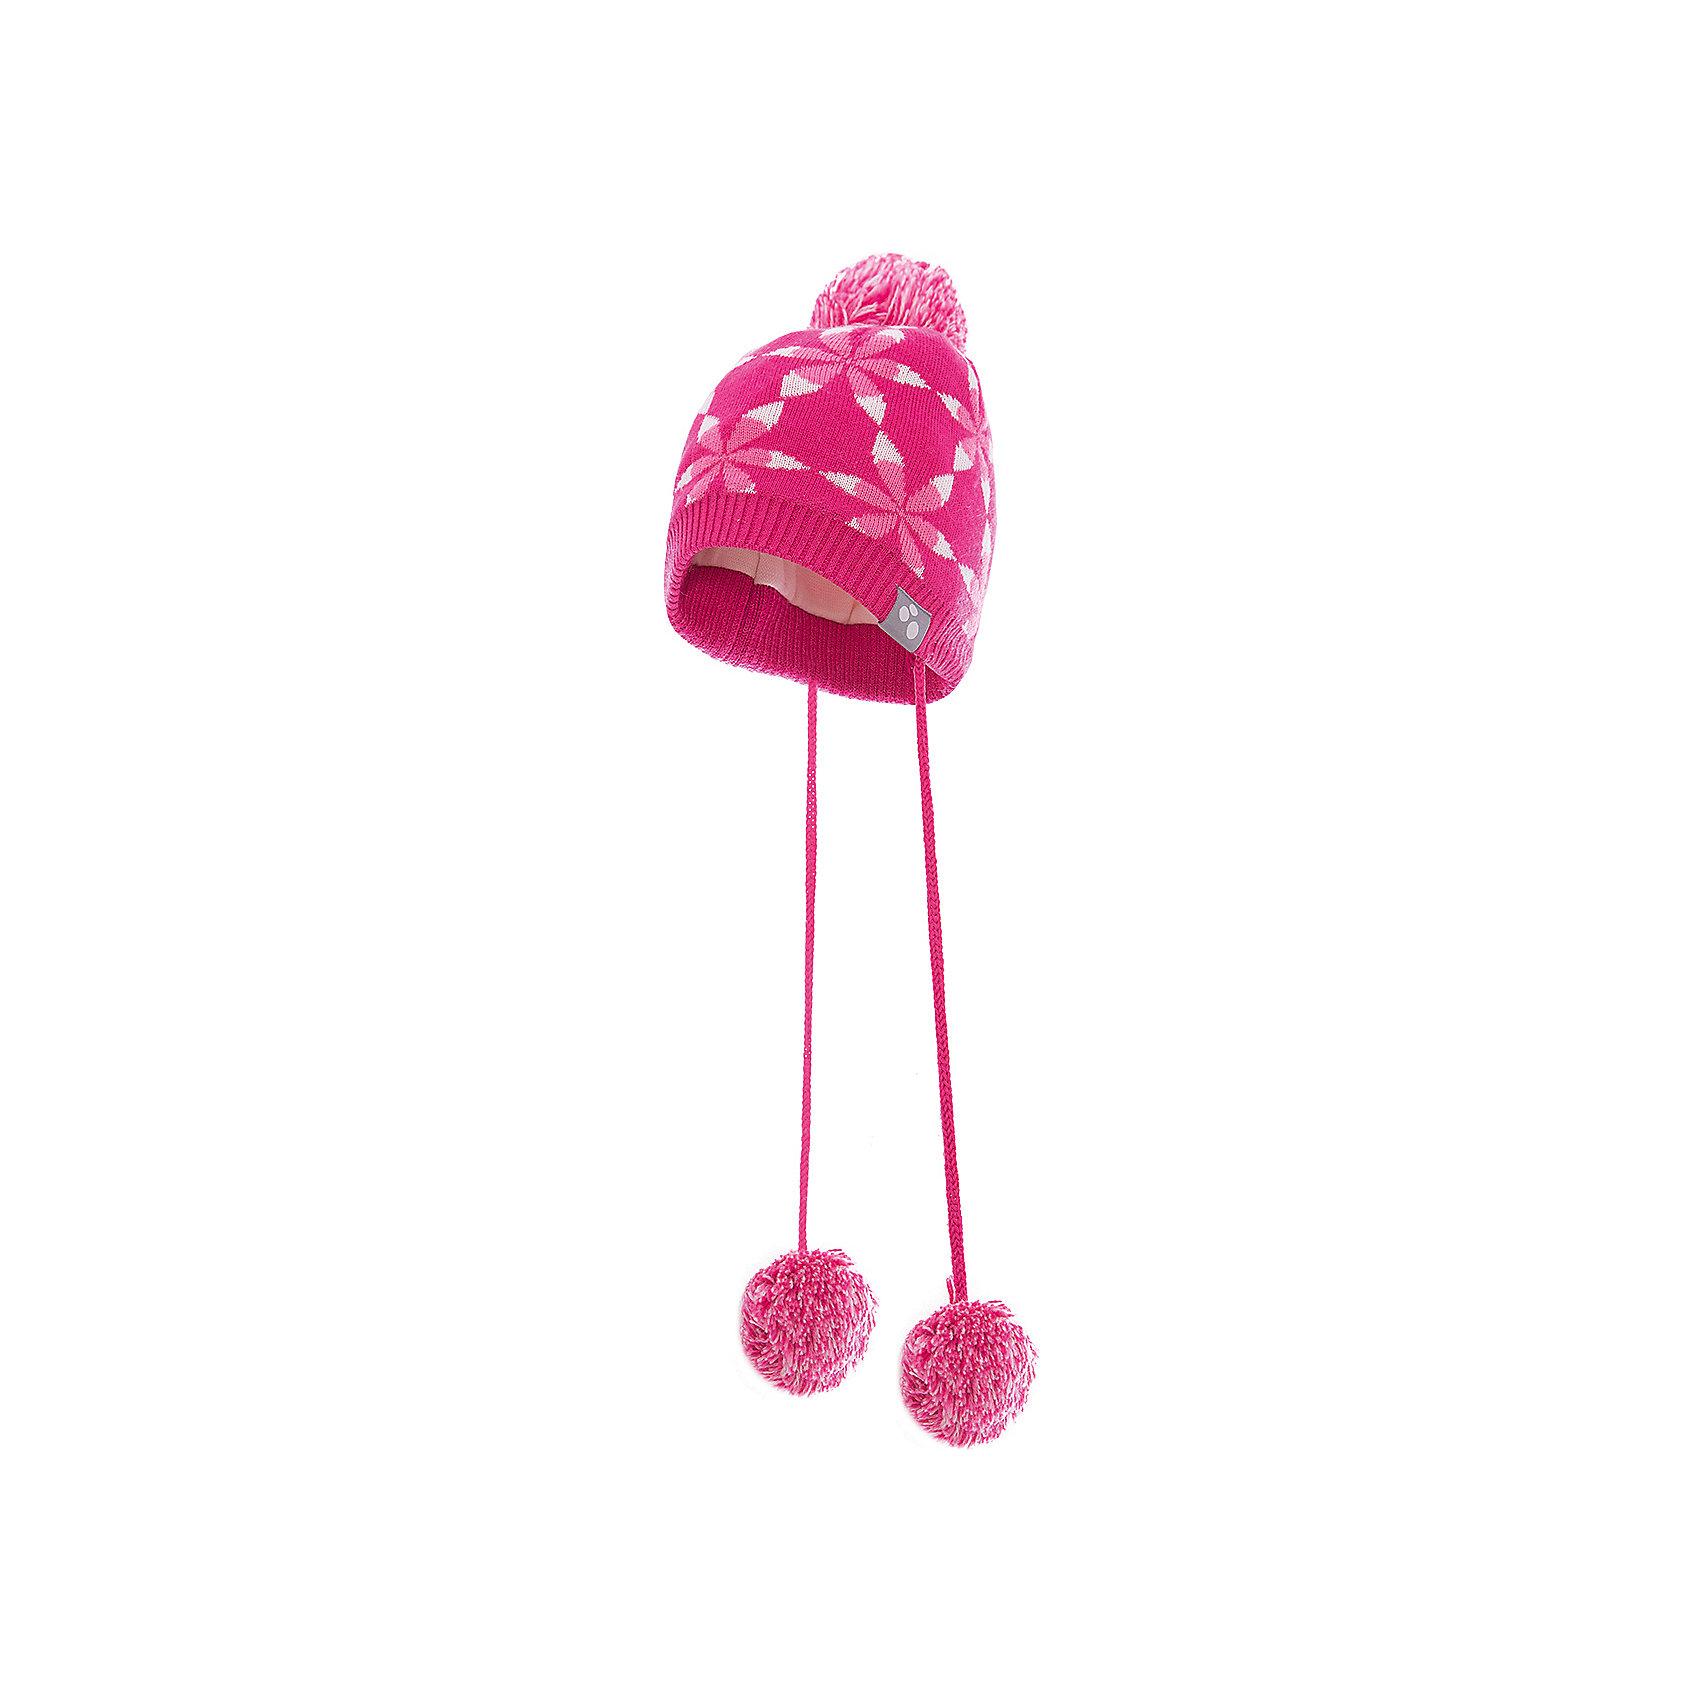 Шапка для девочки HuppaШапочки<br>Красивая зимняя шапка для маленьких девочек с вывязанным рисунком. Для удобства ношения у шапки приятная подкладка из хлопкового трикотажа, наружная часть из смеси 50% мериносовой шерсти и 50% акриловой пряжи. Более интересной шапку делают ленты с помпонами и помпон сверху.<br><br>Шапку для девочки Huppa (Хуппа) можно купить в нашем магазине.<br><br>Ширина мм: 89<br>Глубина мм: 117<br>Высота мм: 44<br>Вес г: 155<br>Цвет: розовый<br>Возраст от месяцев: 9<br>Возраст до месяцев: 12<br>Пол: Женский<br>Возраст: Детский<br>Размер: 43-45,51-53,47-49<br>SKU: 4242948